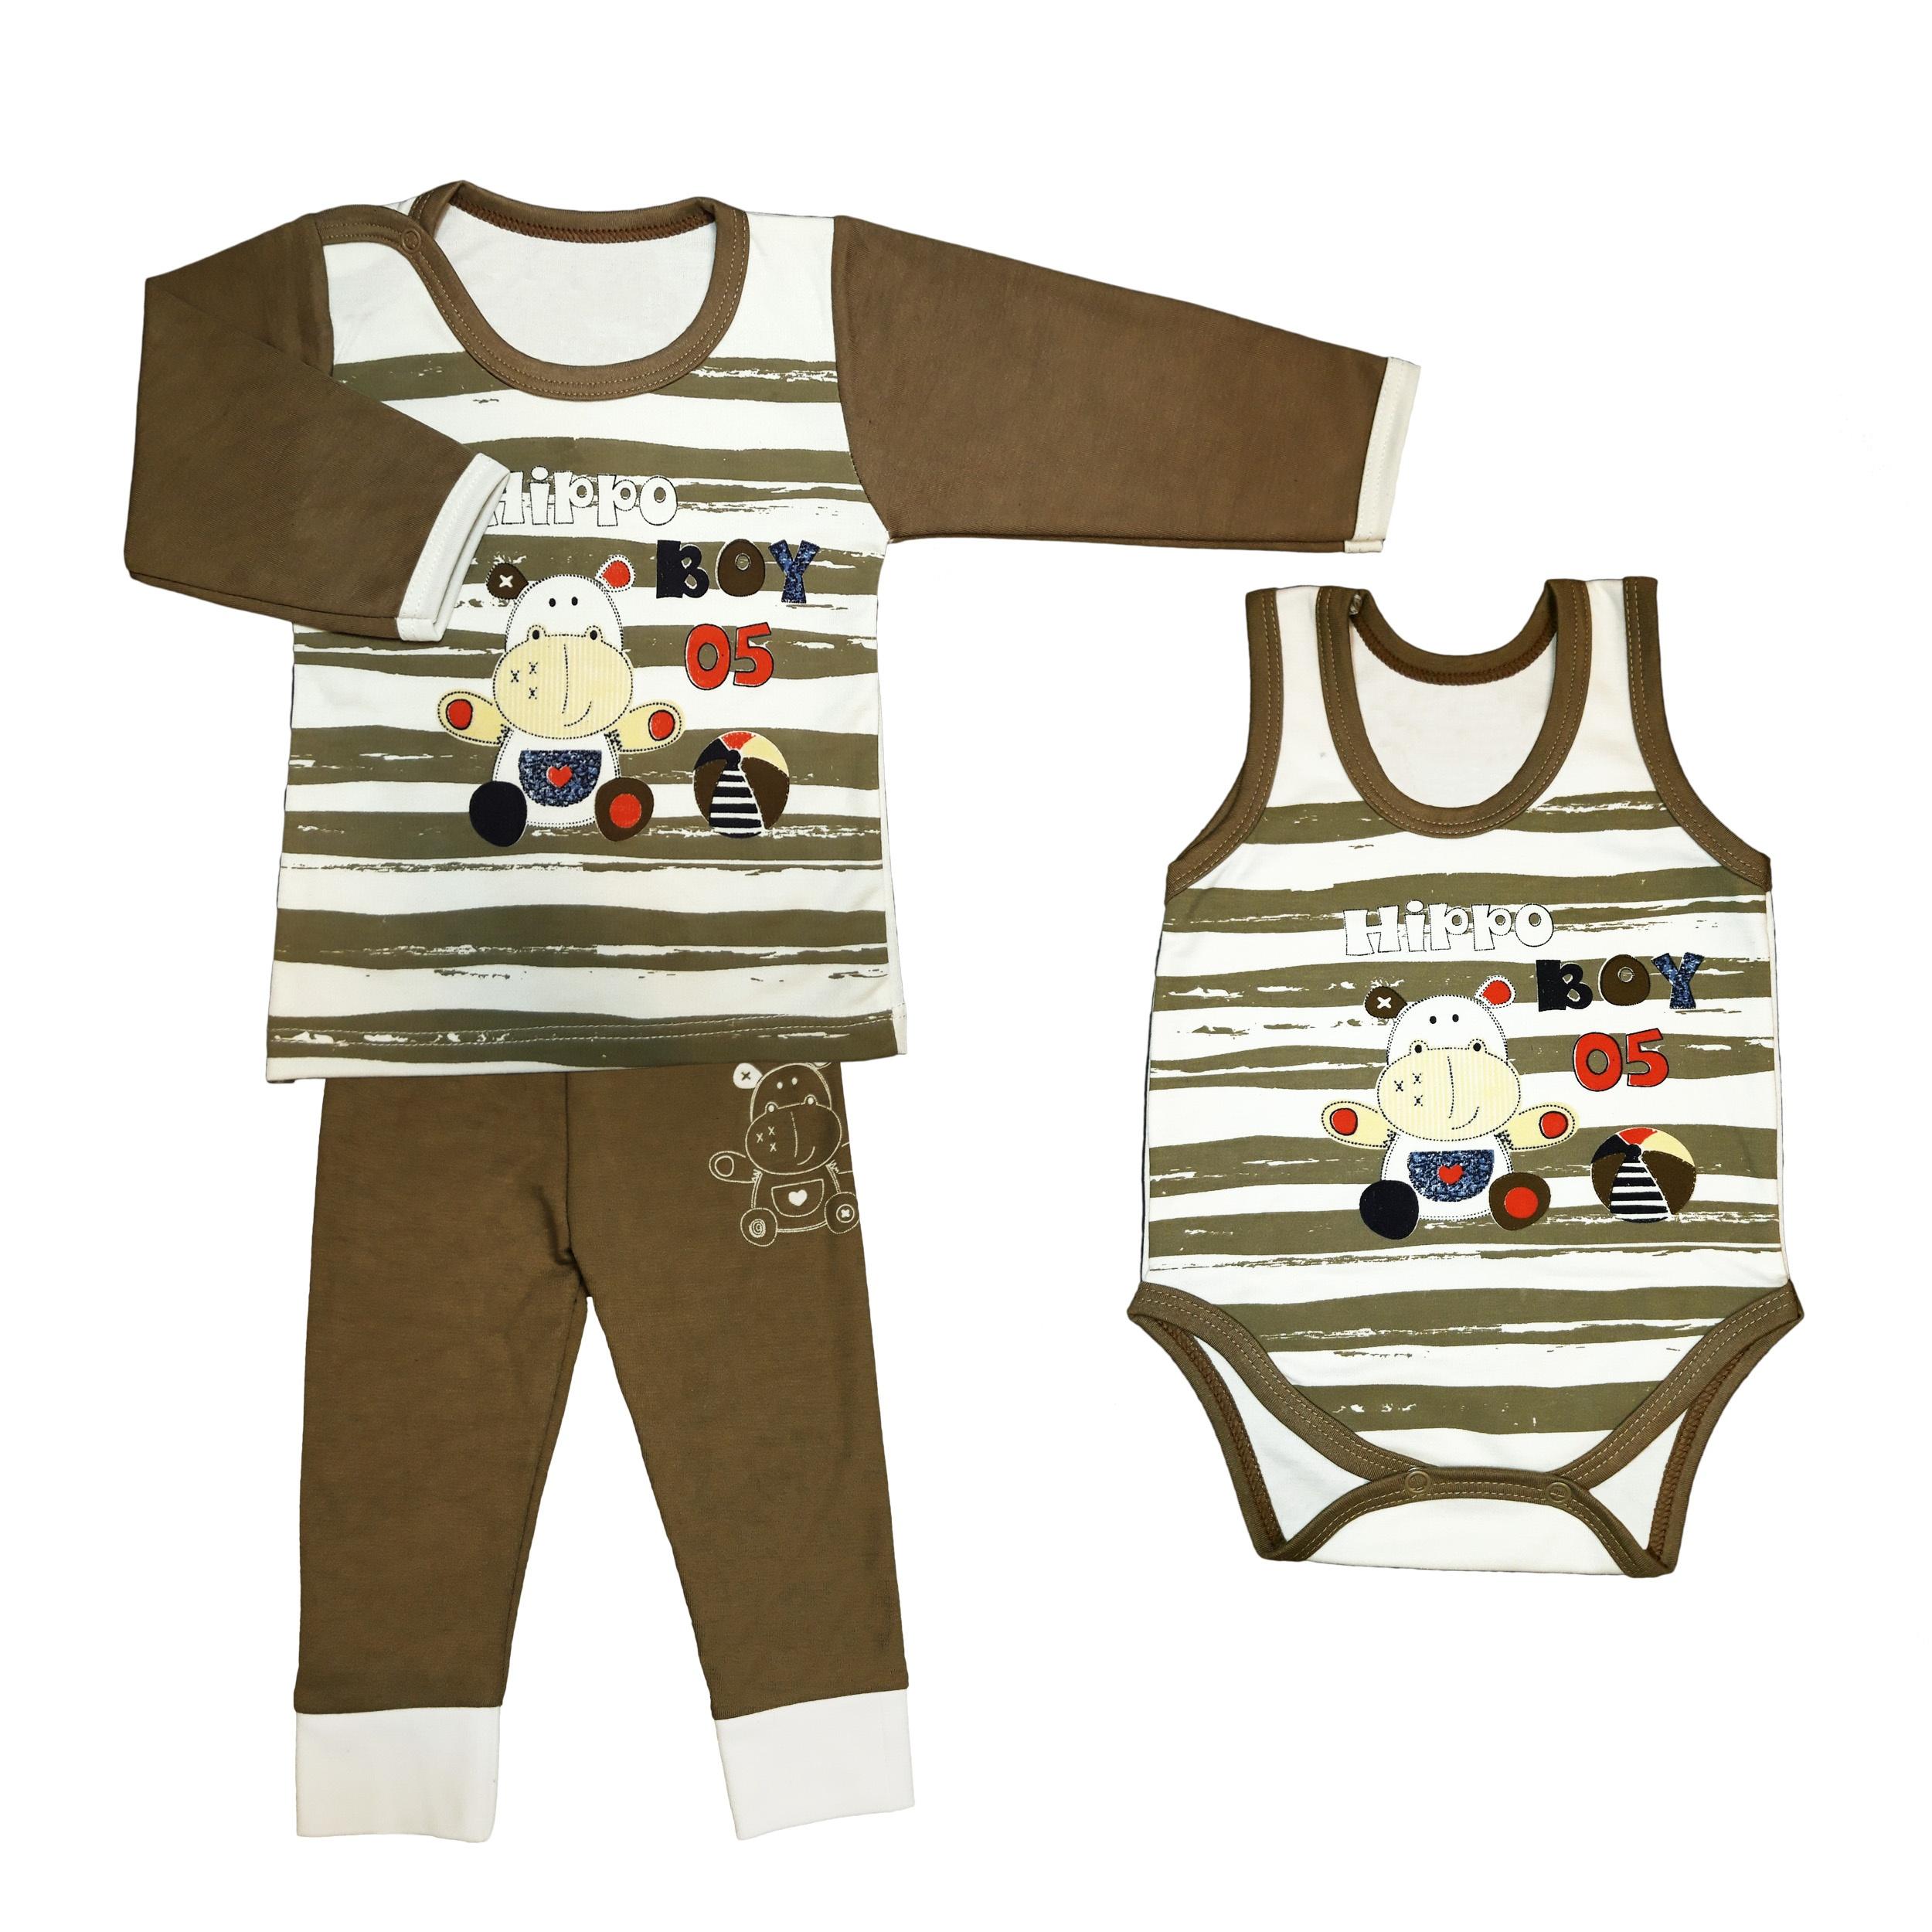 ست 3 تکه لباس نوزادی طرح hippo